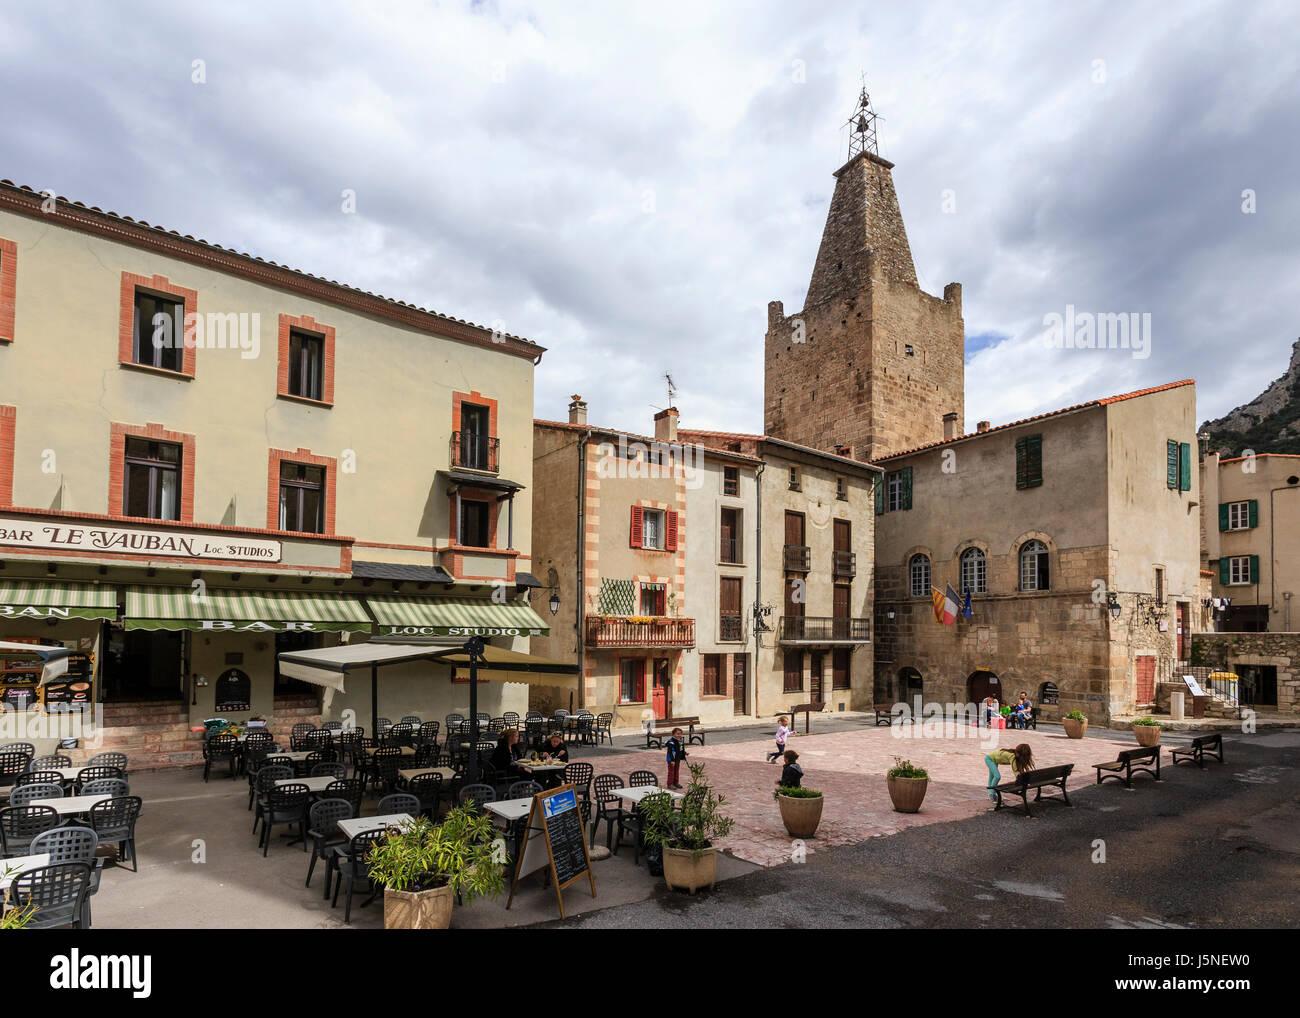 Francia, Pirineos Orientales, Villefranche de Conflent, etiquetados Les Plus Beaux Villages de France, la iglesia y la plaza del Ayuntamiento Foto de stock